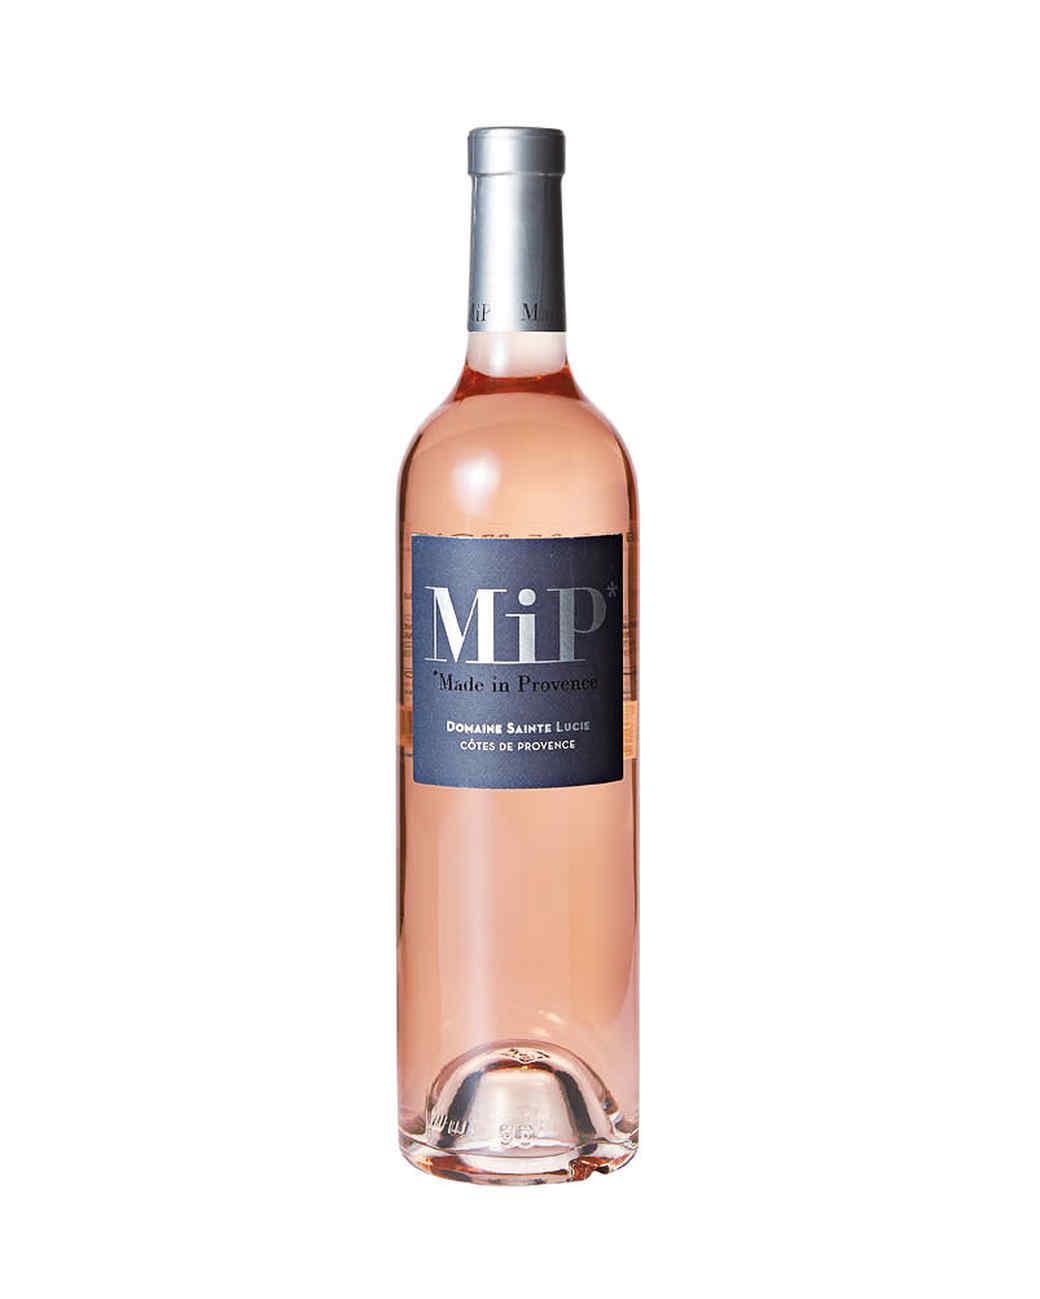 mip-wine-208-d112856_l.jpg